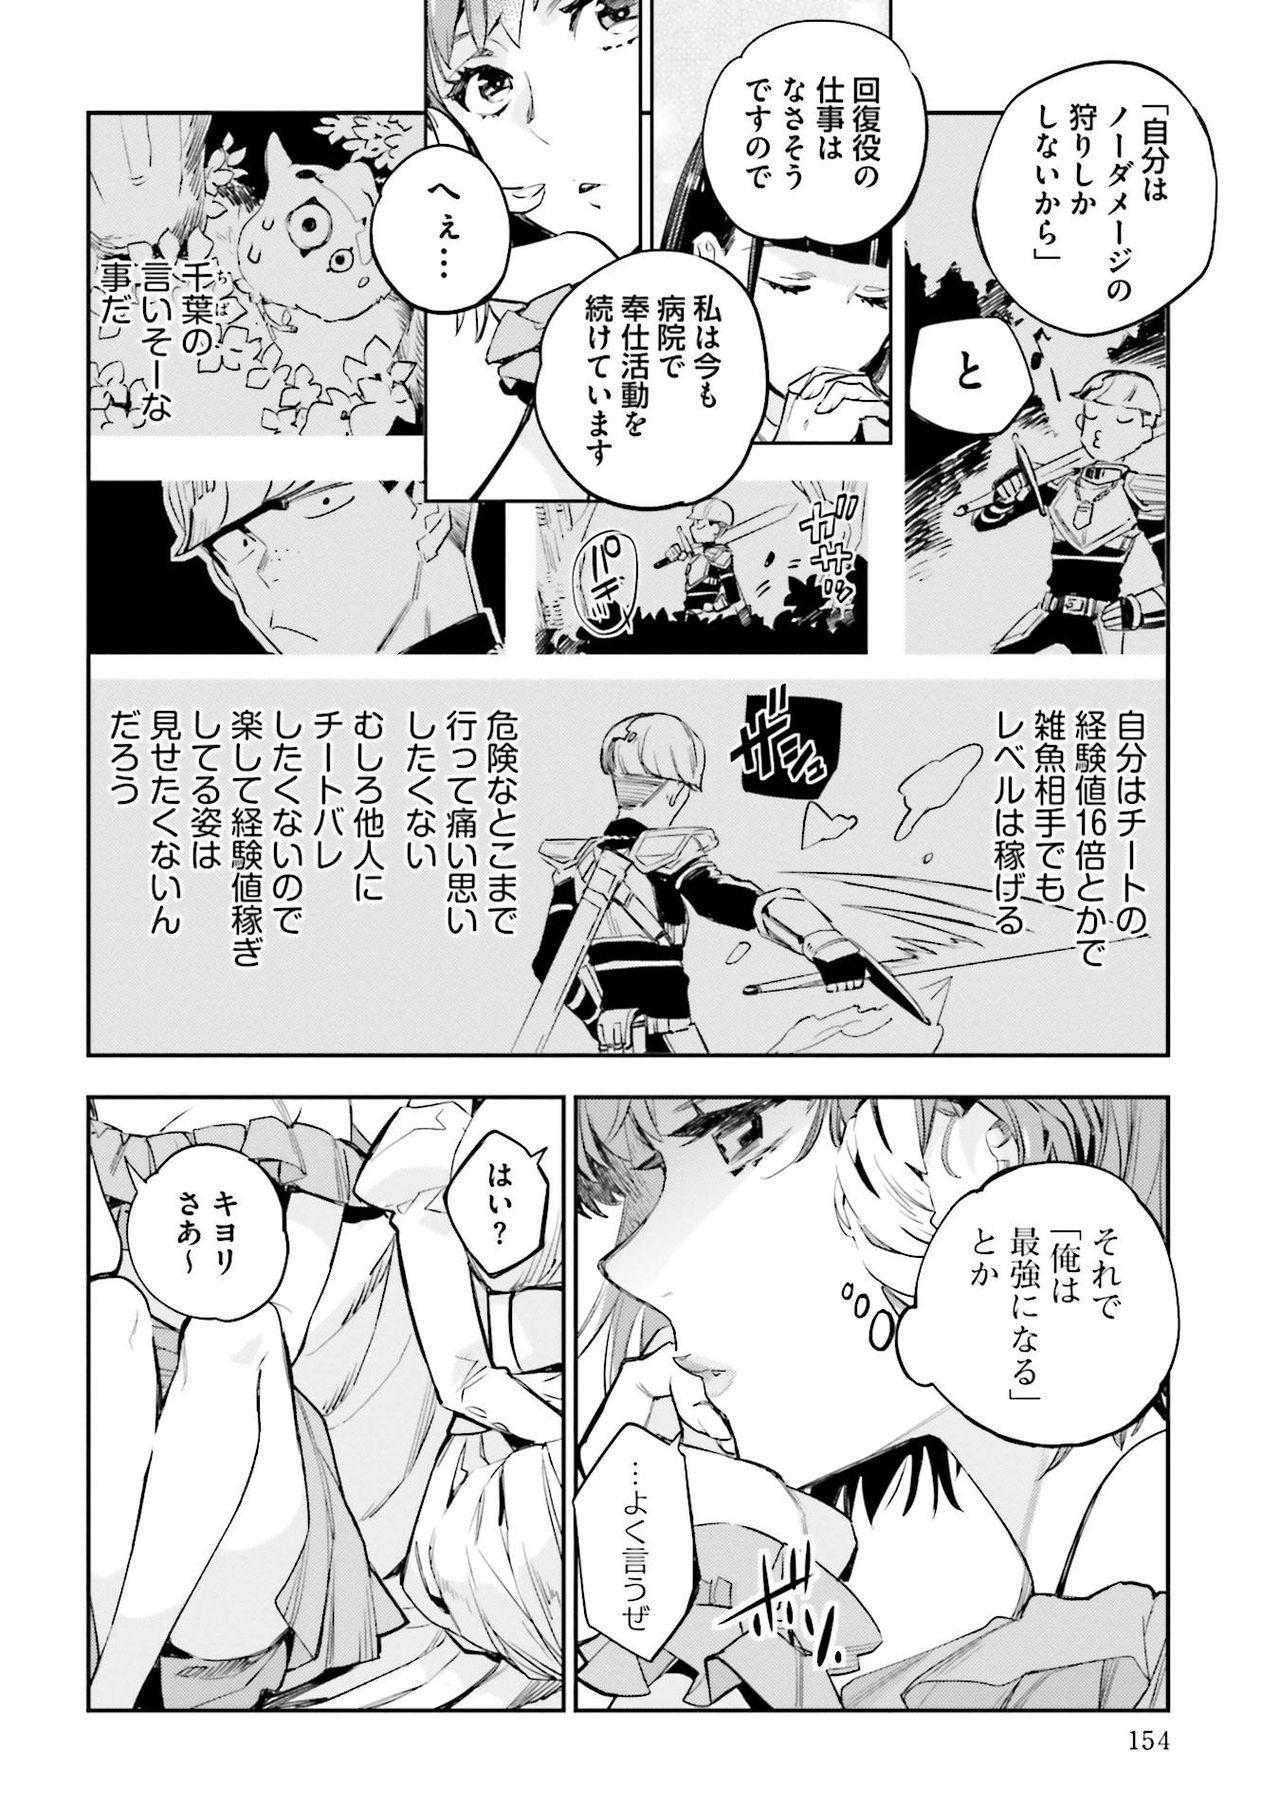 JK Haru wa Isekai de Shoufu ni Natta 1-14 513